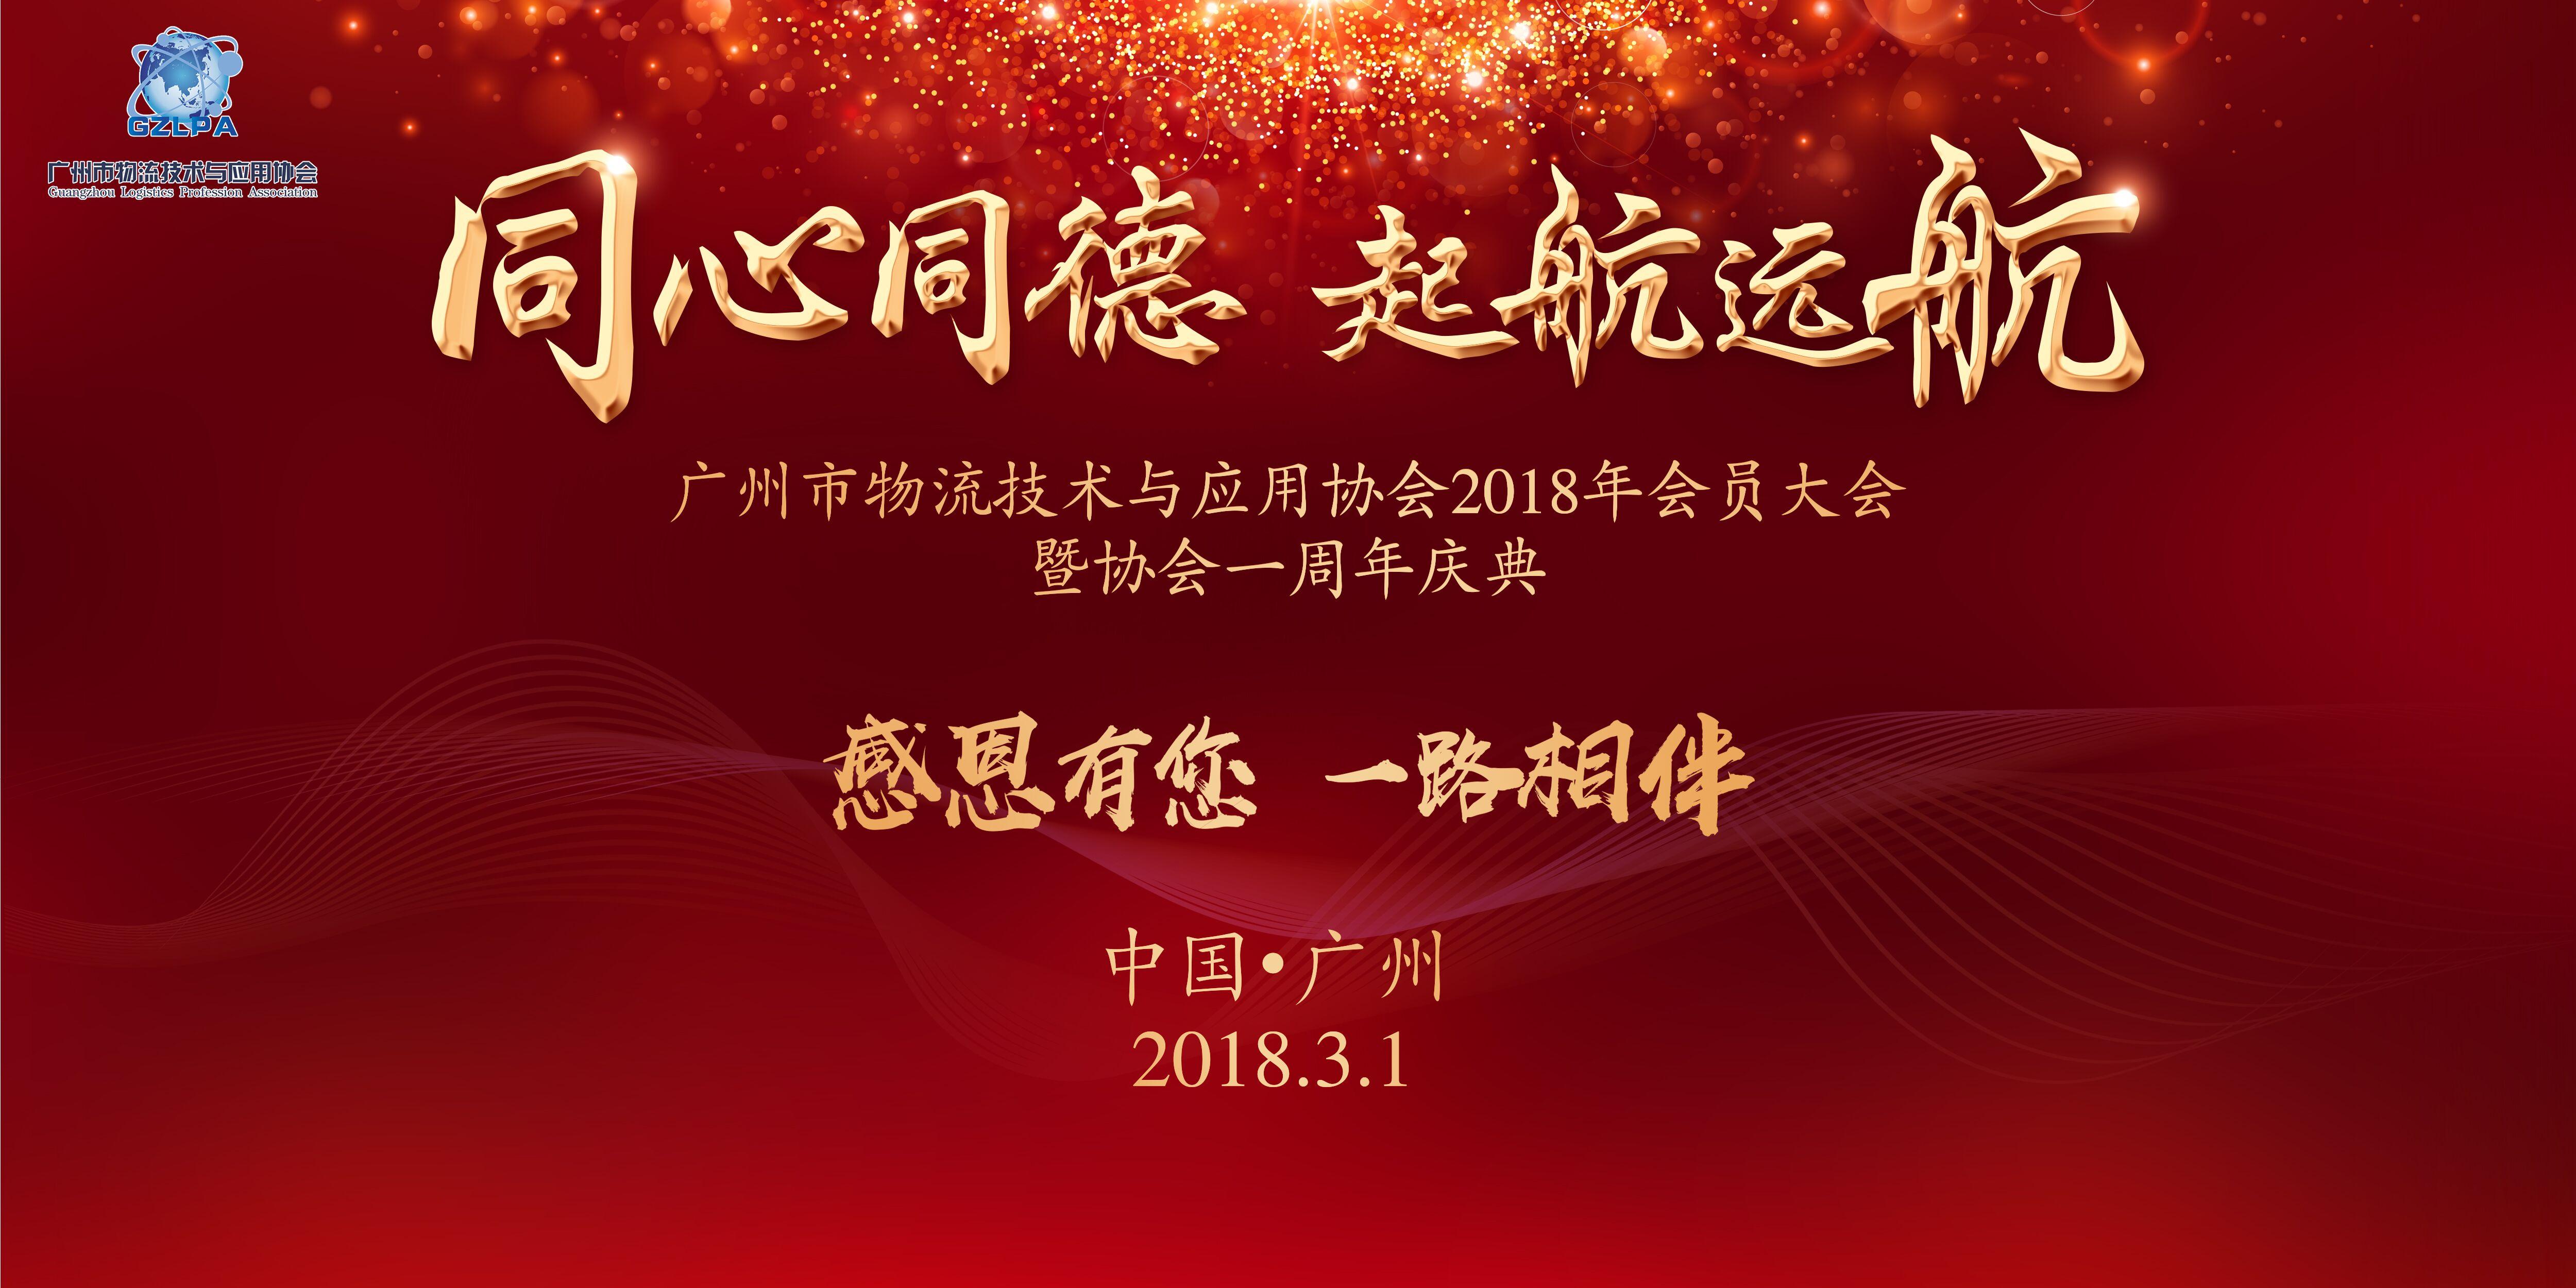 广州市物流技术与应用协会周年庆典暨中国数字化工厂应用及发展大会(广州站)即将3月1日盛大开幕!